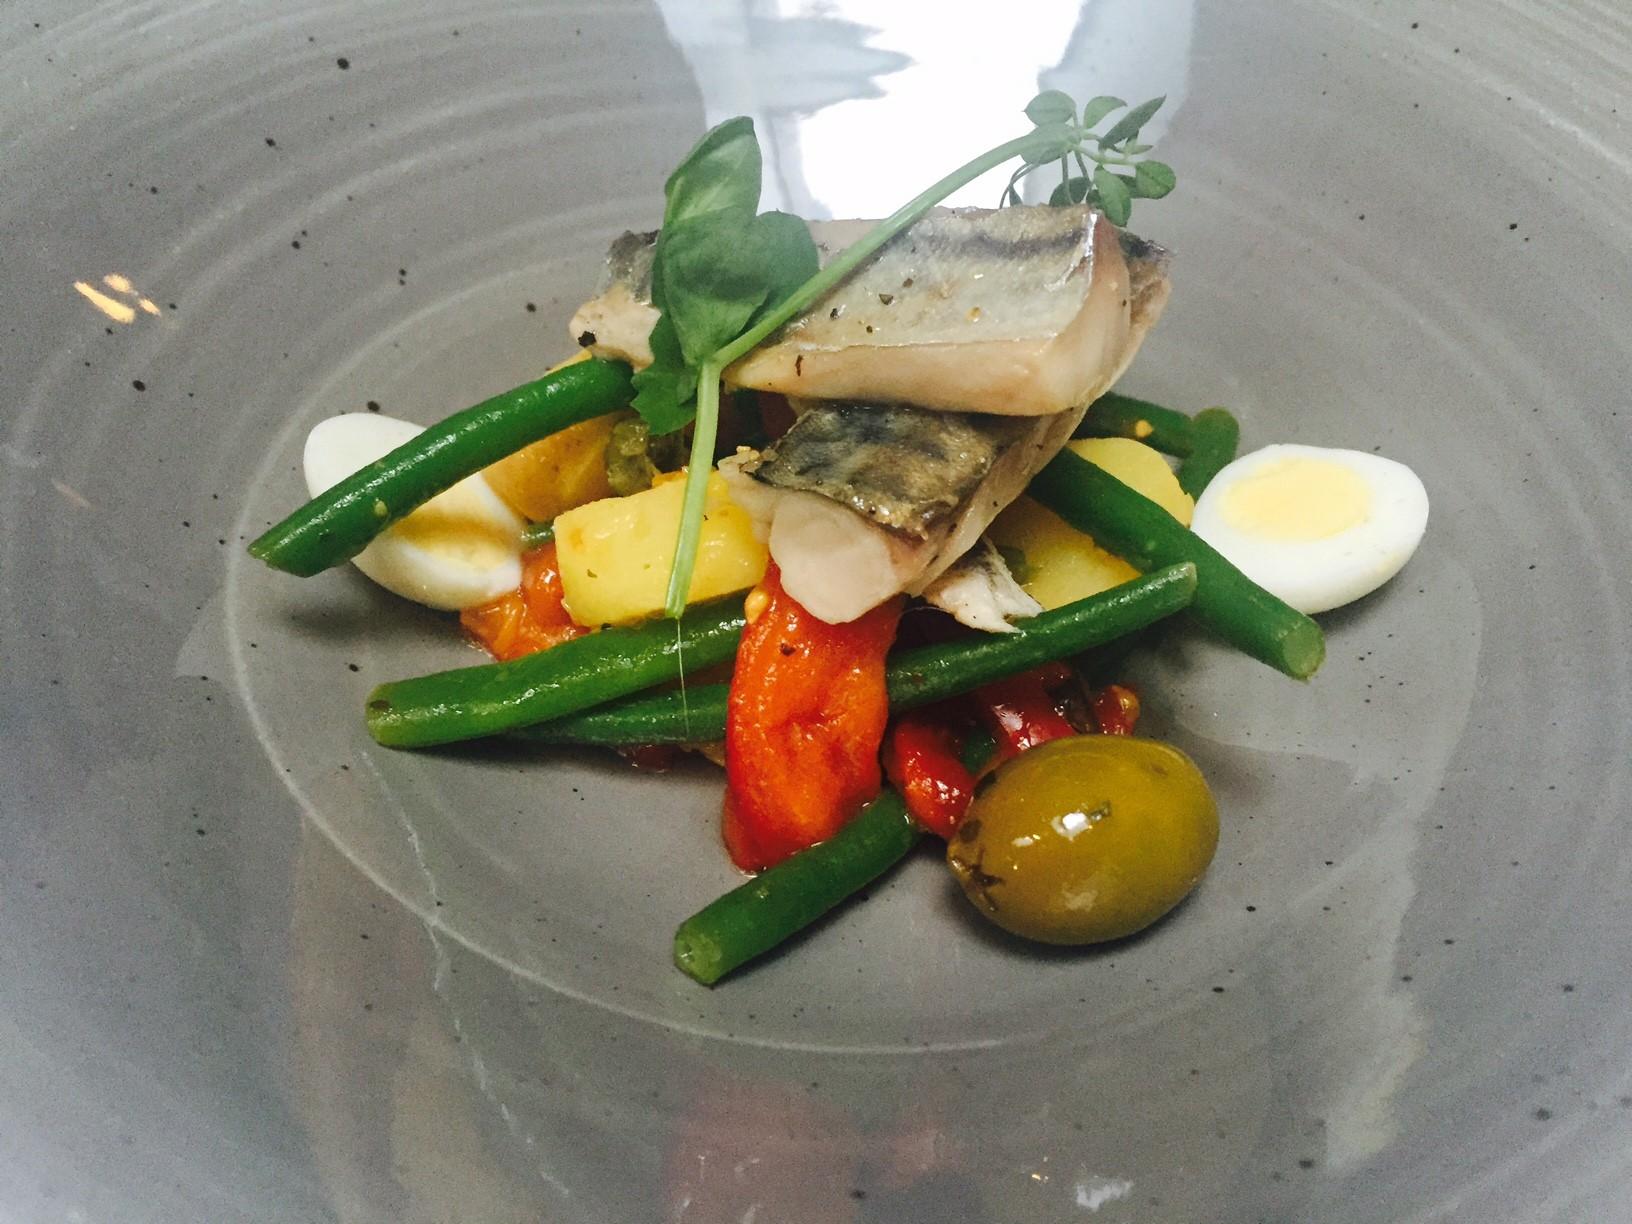 Salade nicoise met makreel bij Kingstreet restaurant Apeldoorn